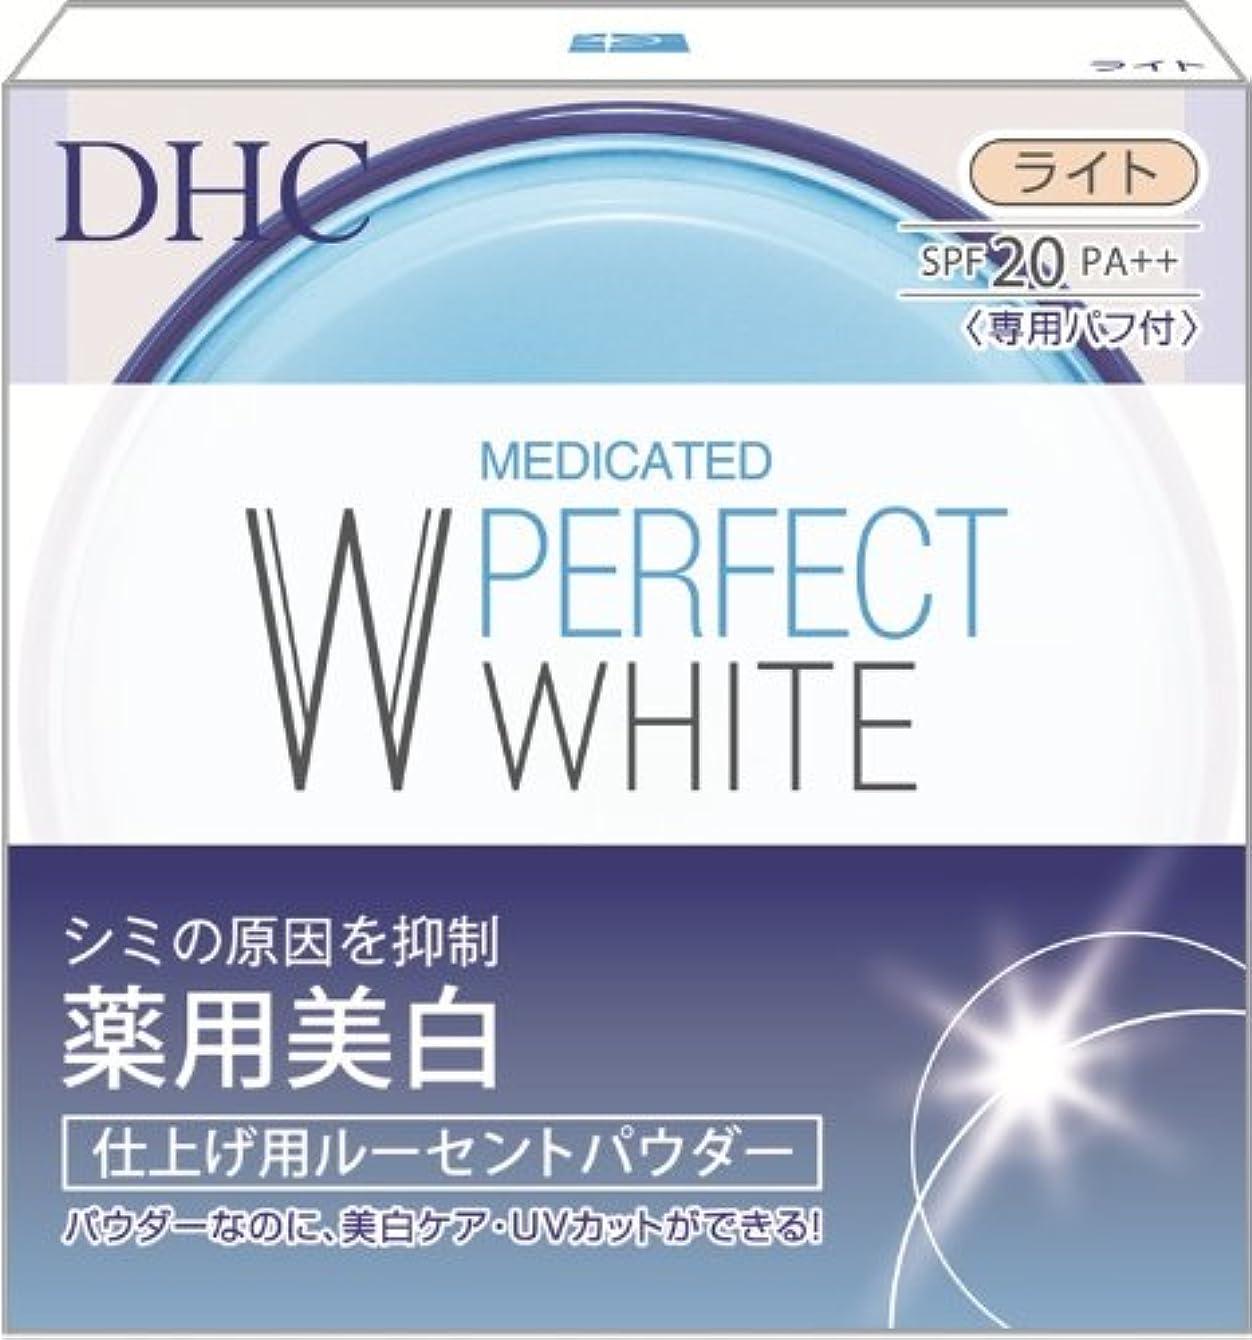 甘味次メールDHC 薬用PWルーセントパウダーライト8g